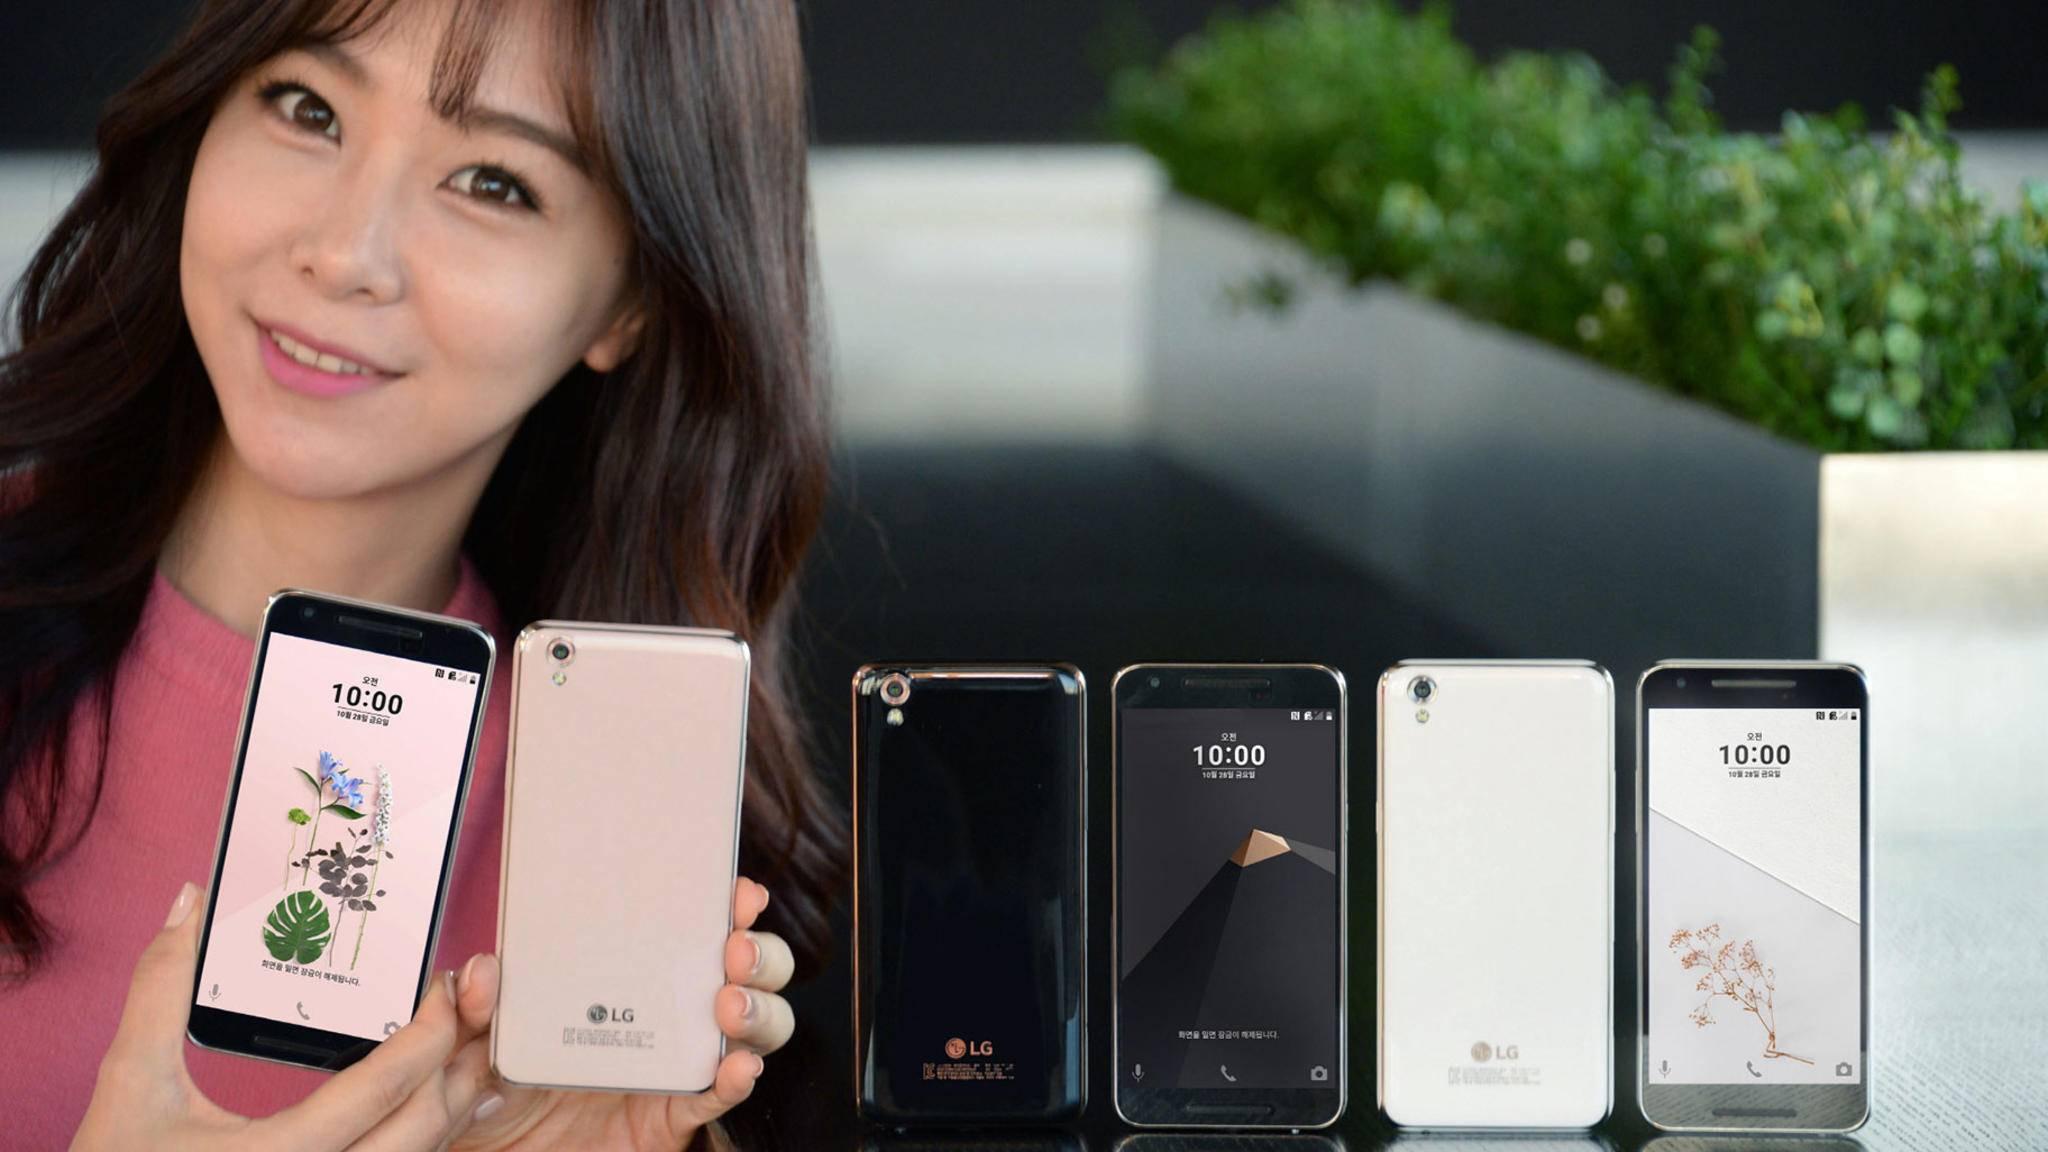 Das LG U erscheint für umgerechnet 340 US-Dollar in Südkorea.